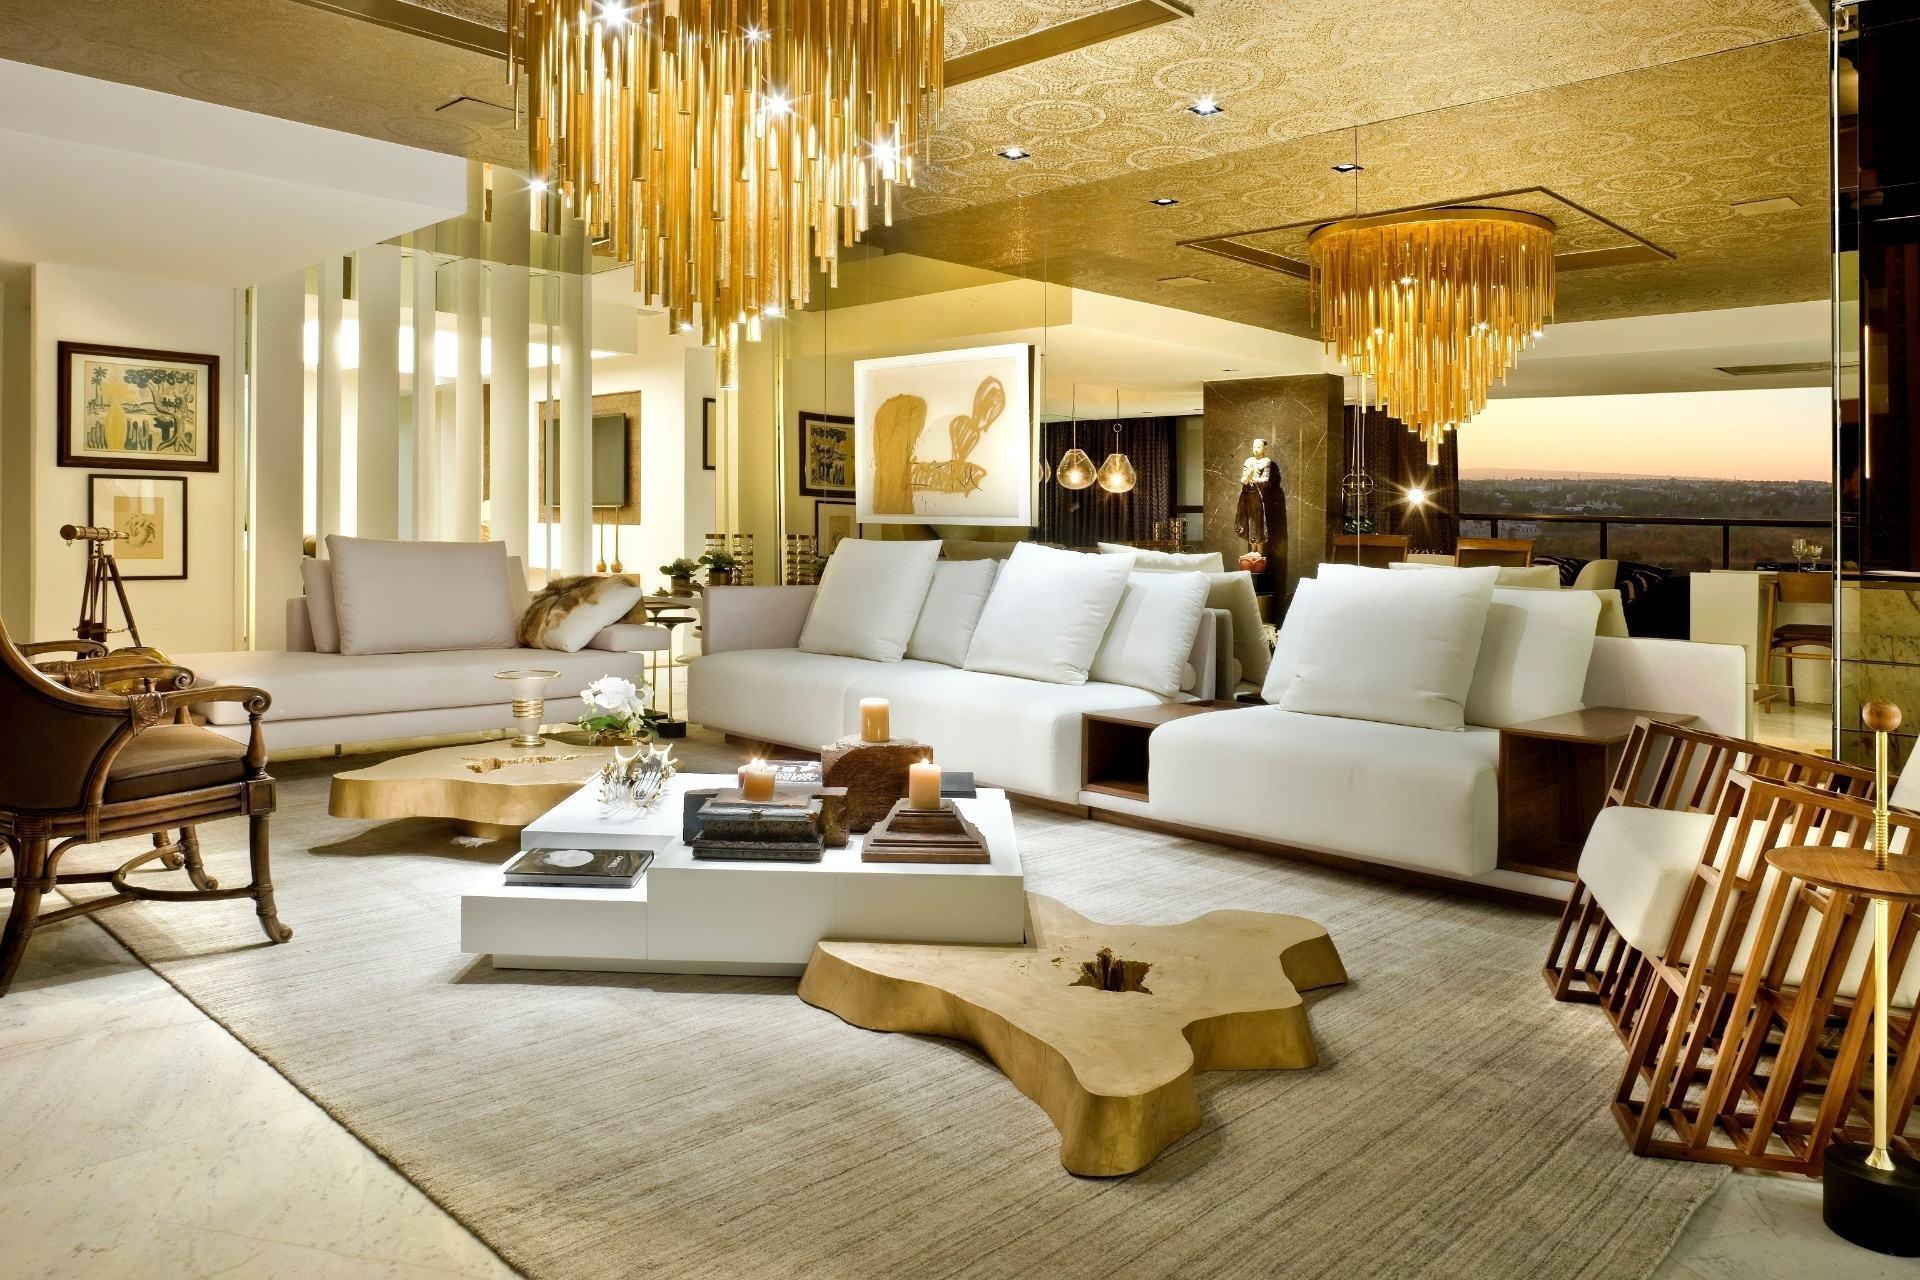 Salas De Luxo 60 Ideias E Fotos Inspiradoras  -> Acabamento Sala Pequena